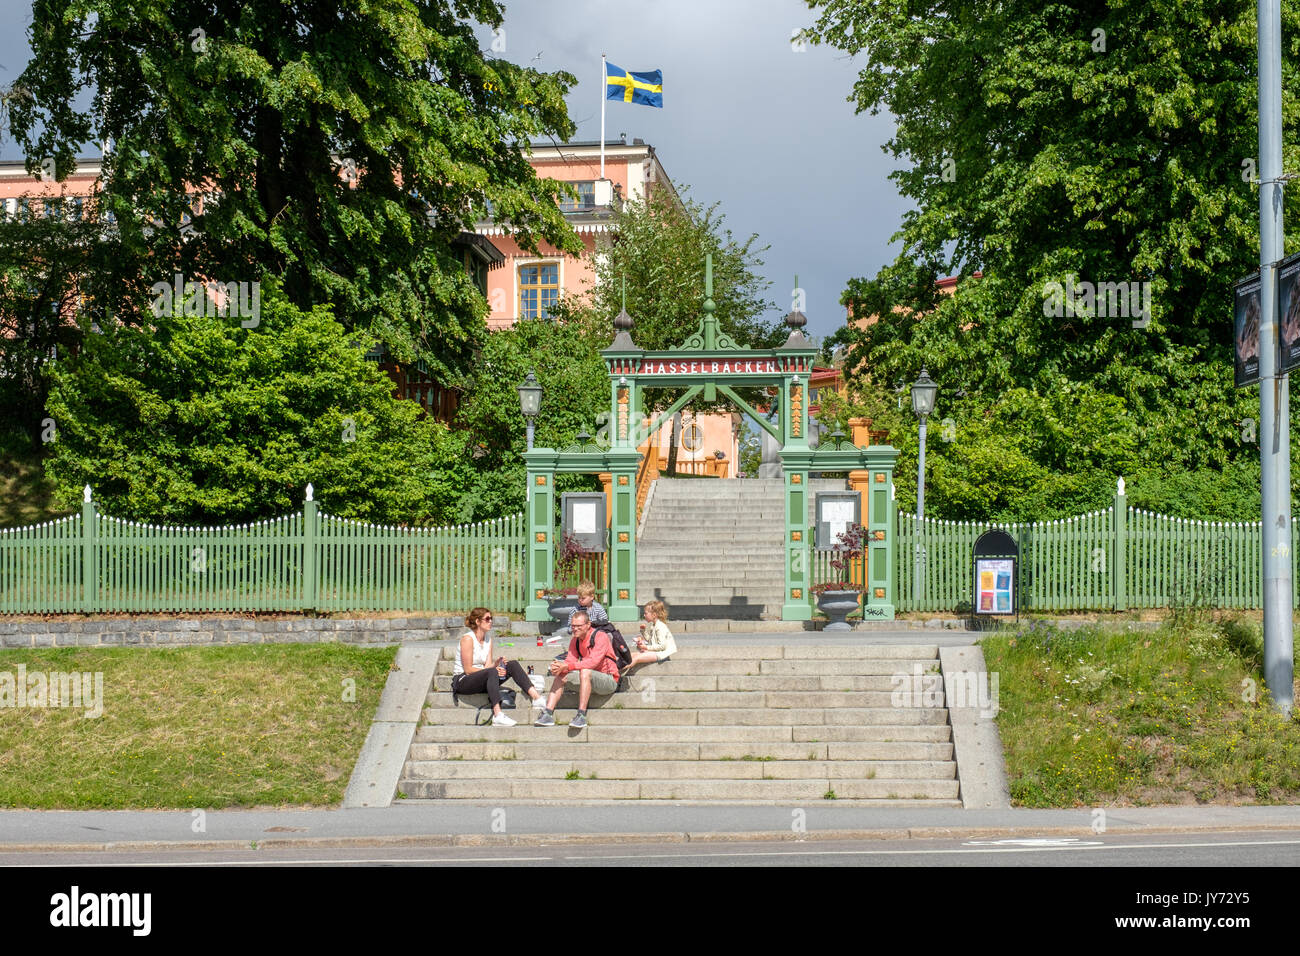 Hasselbacken en Djurgården en Estocolmo. Djurgården es un área de recreación con edificios históricos, monumentos, Parque y museo al aire libre. Imagen De Stock